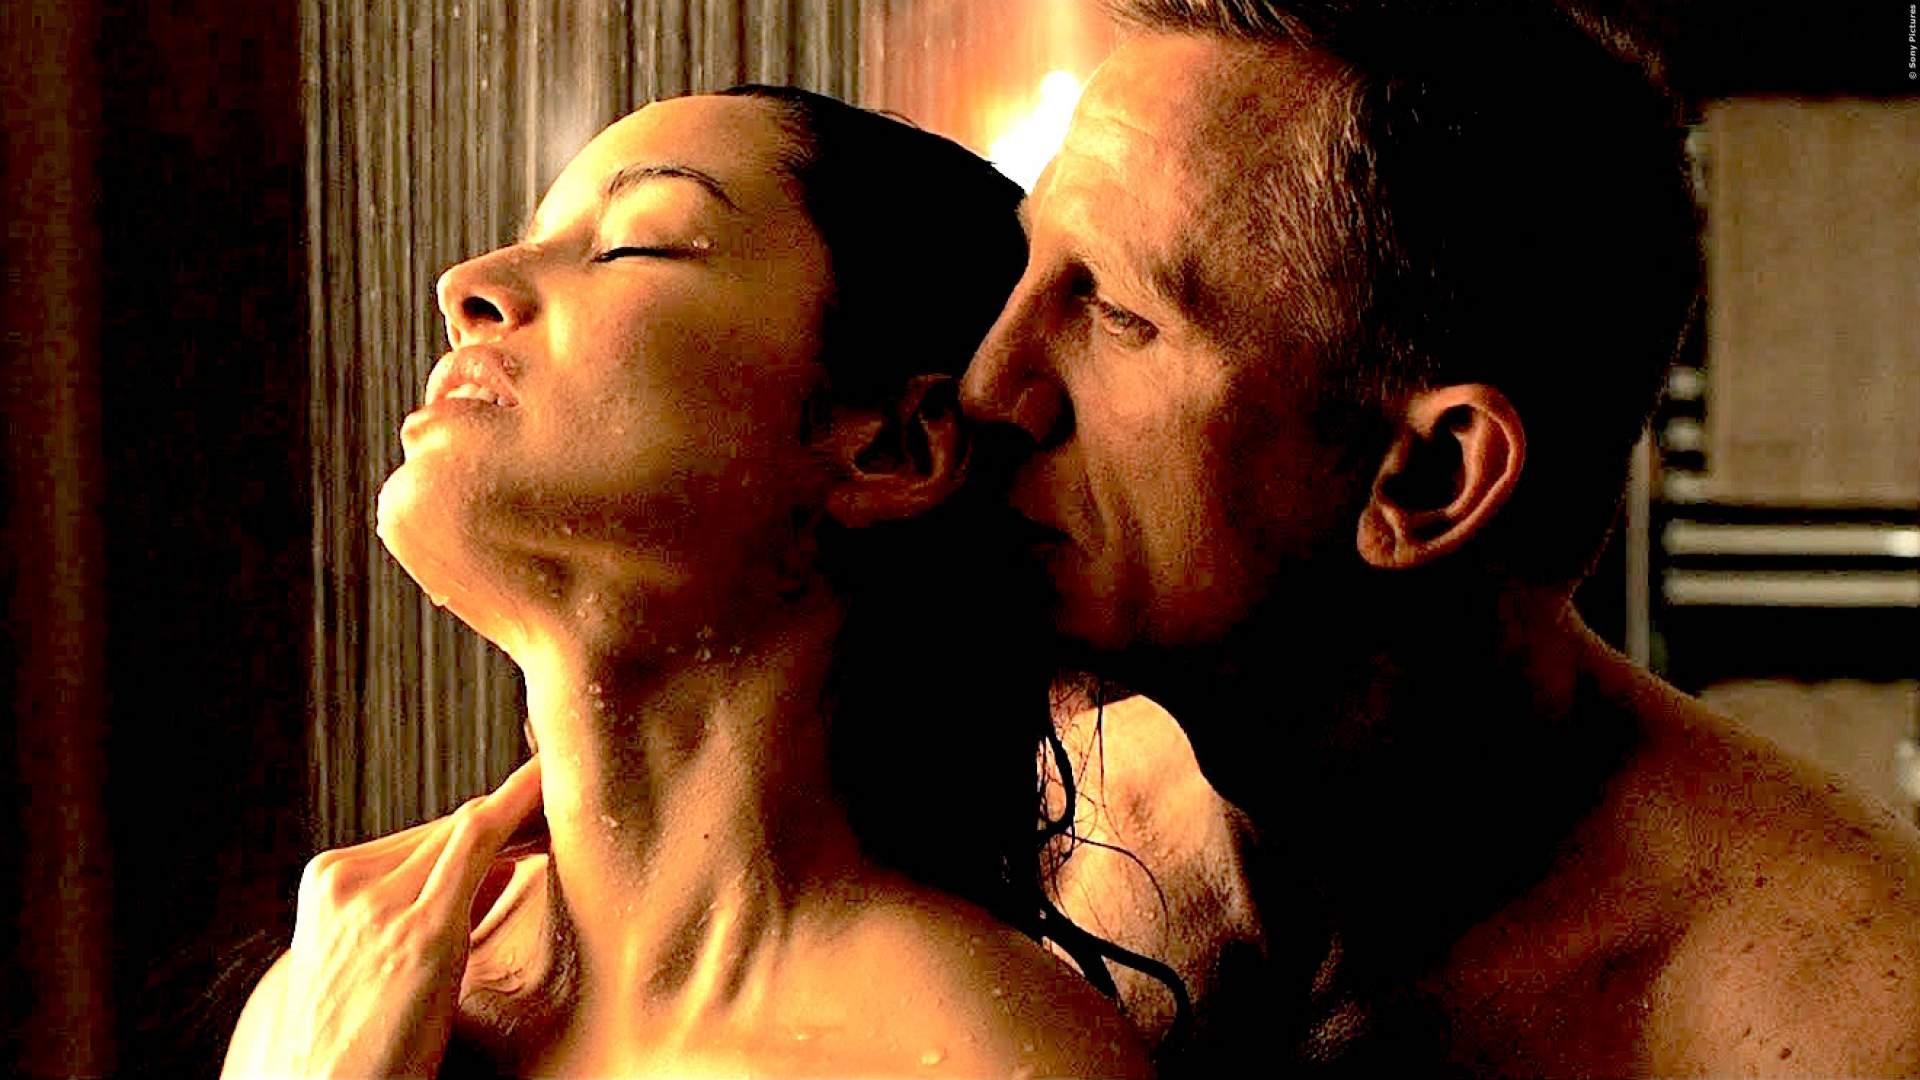 AUFPASSER: Beim Dreh von 'Bond 25' werden Sexszenen überwacht